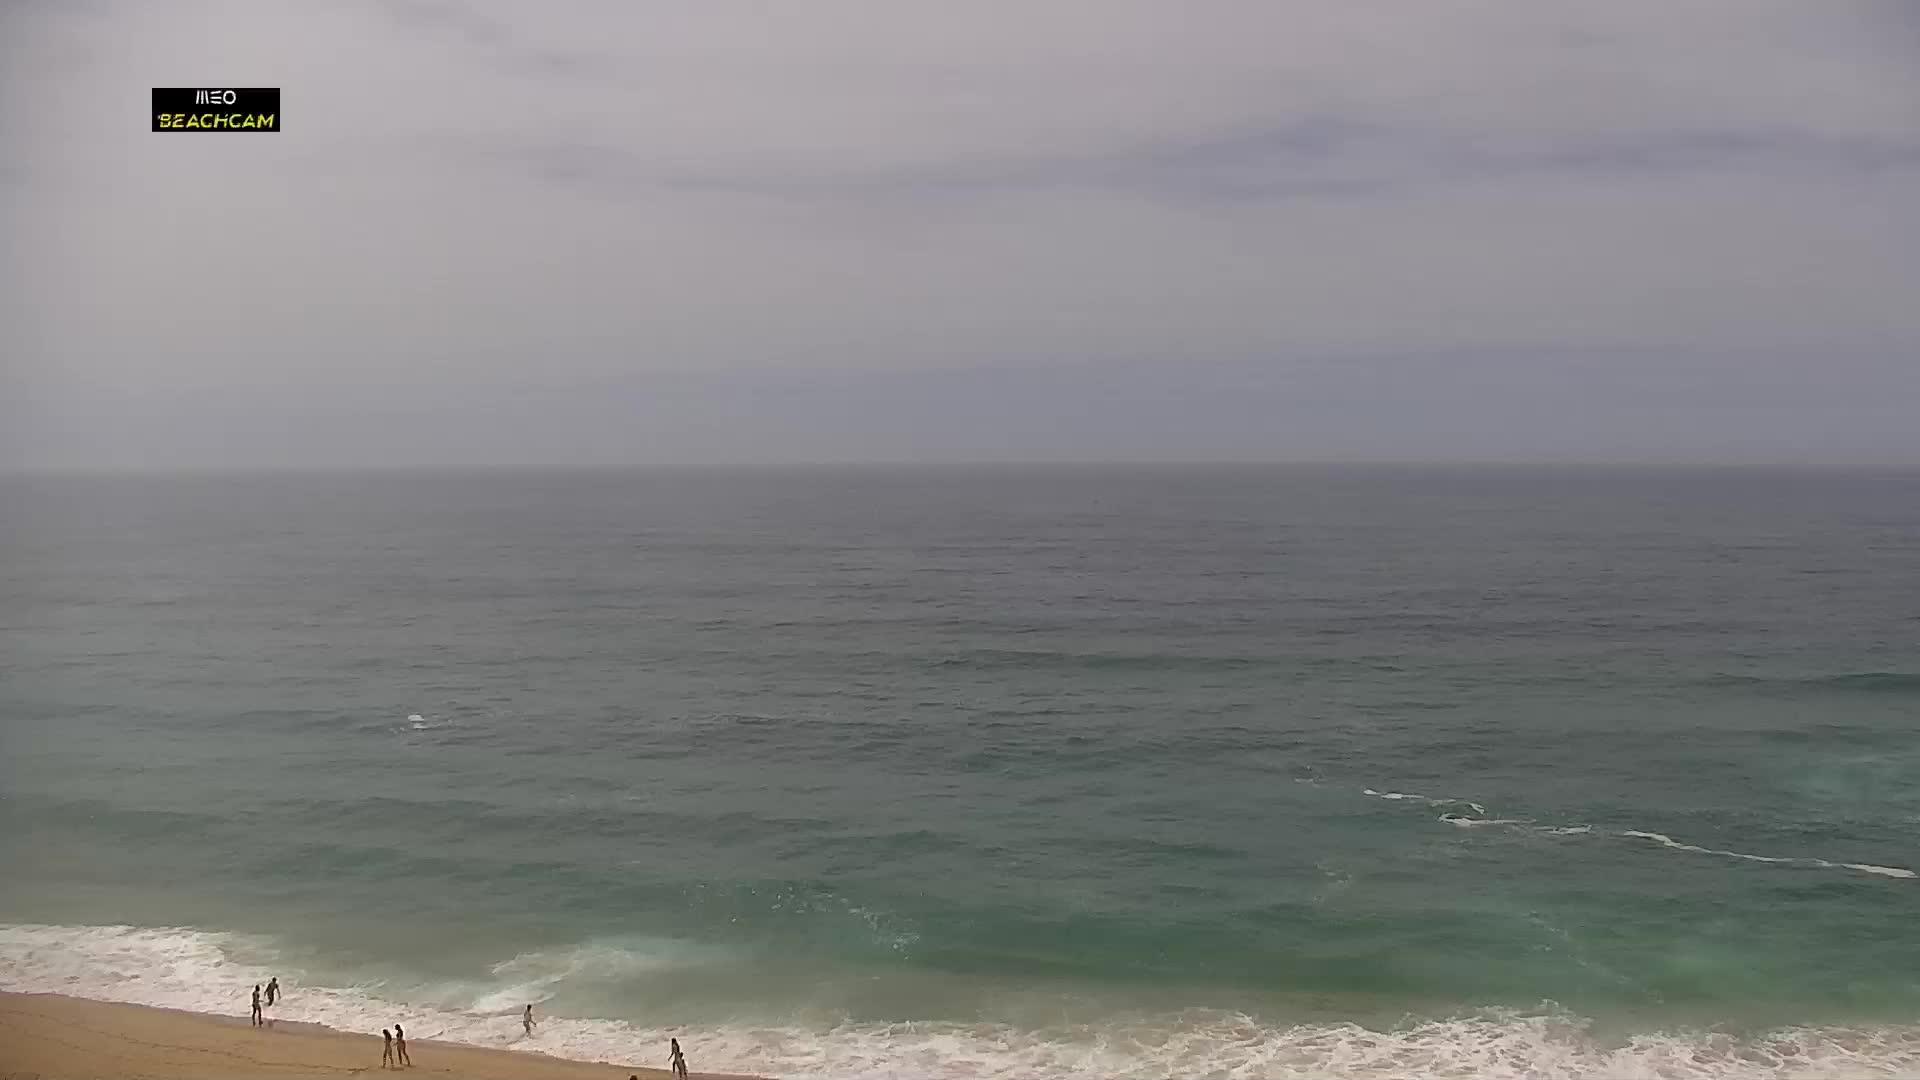 Praia Grande Di. 14:53